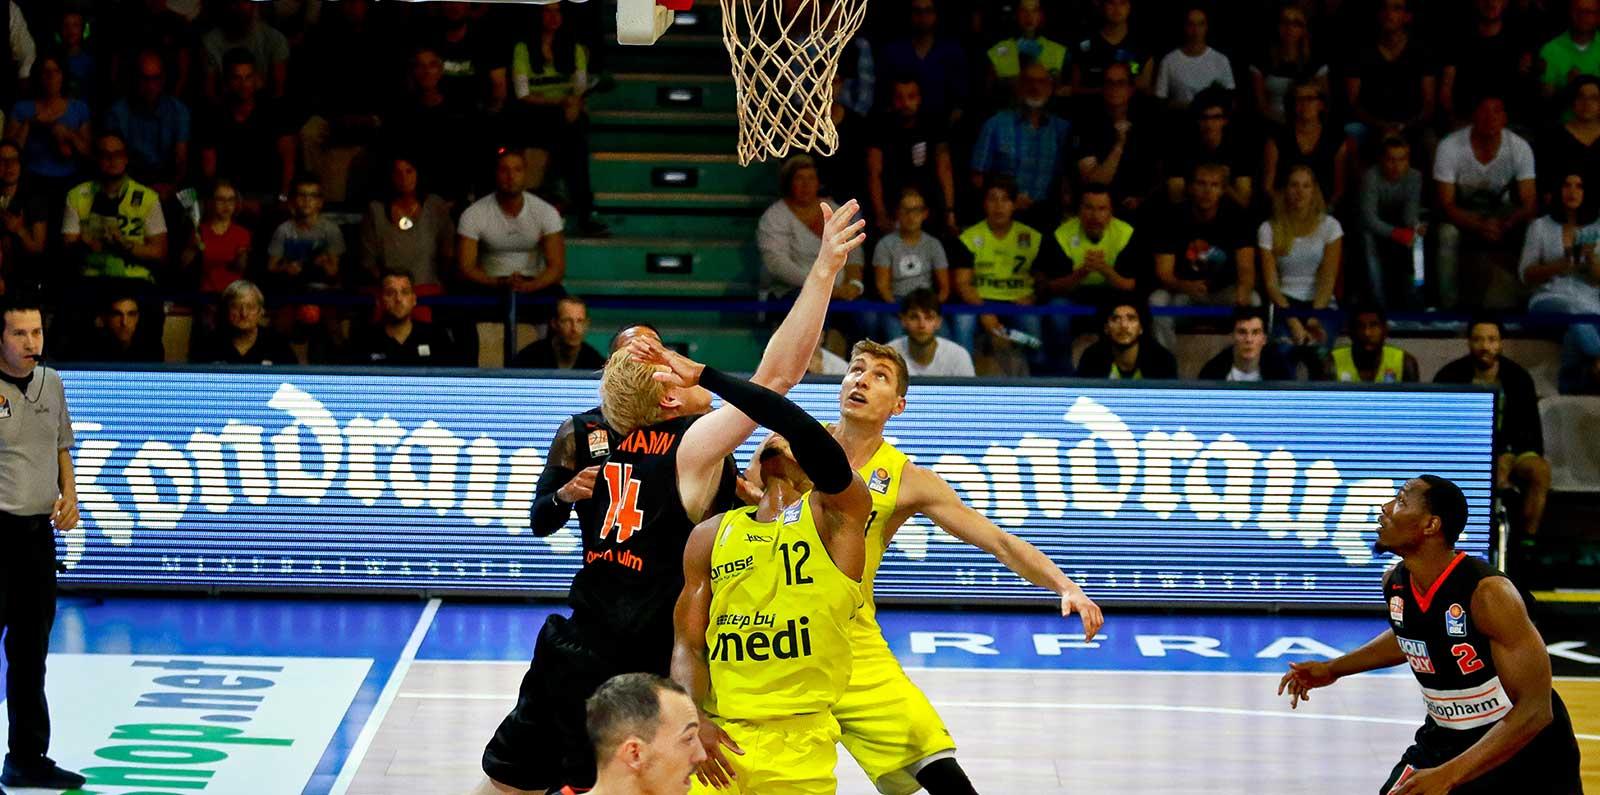 Basketballspiel medi bayreuth easyCredit BBL | Kondrauer Mineral- und Heilbrunnen